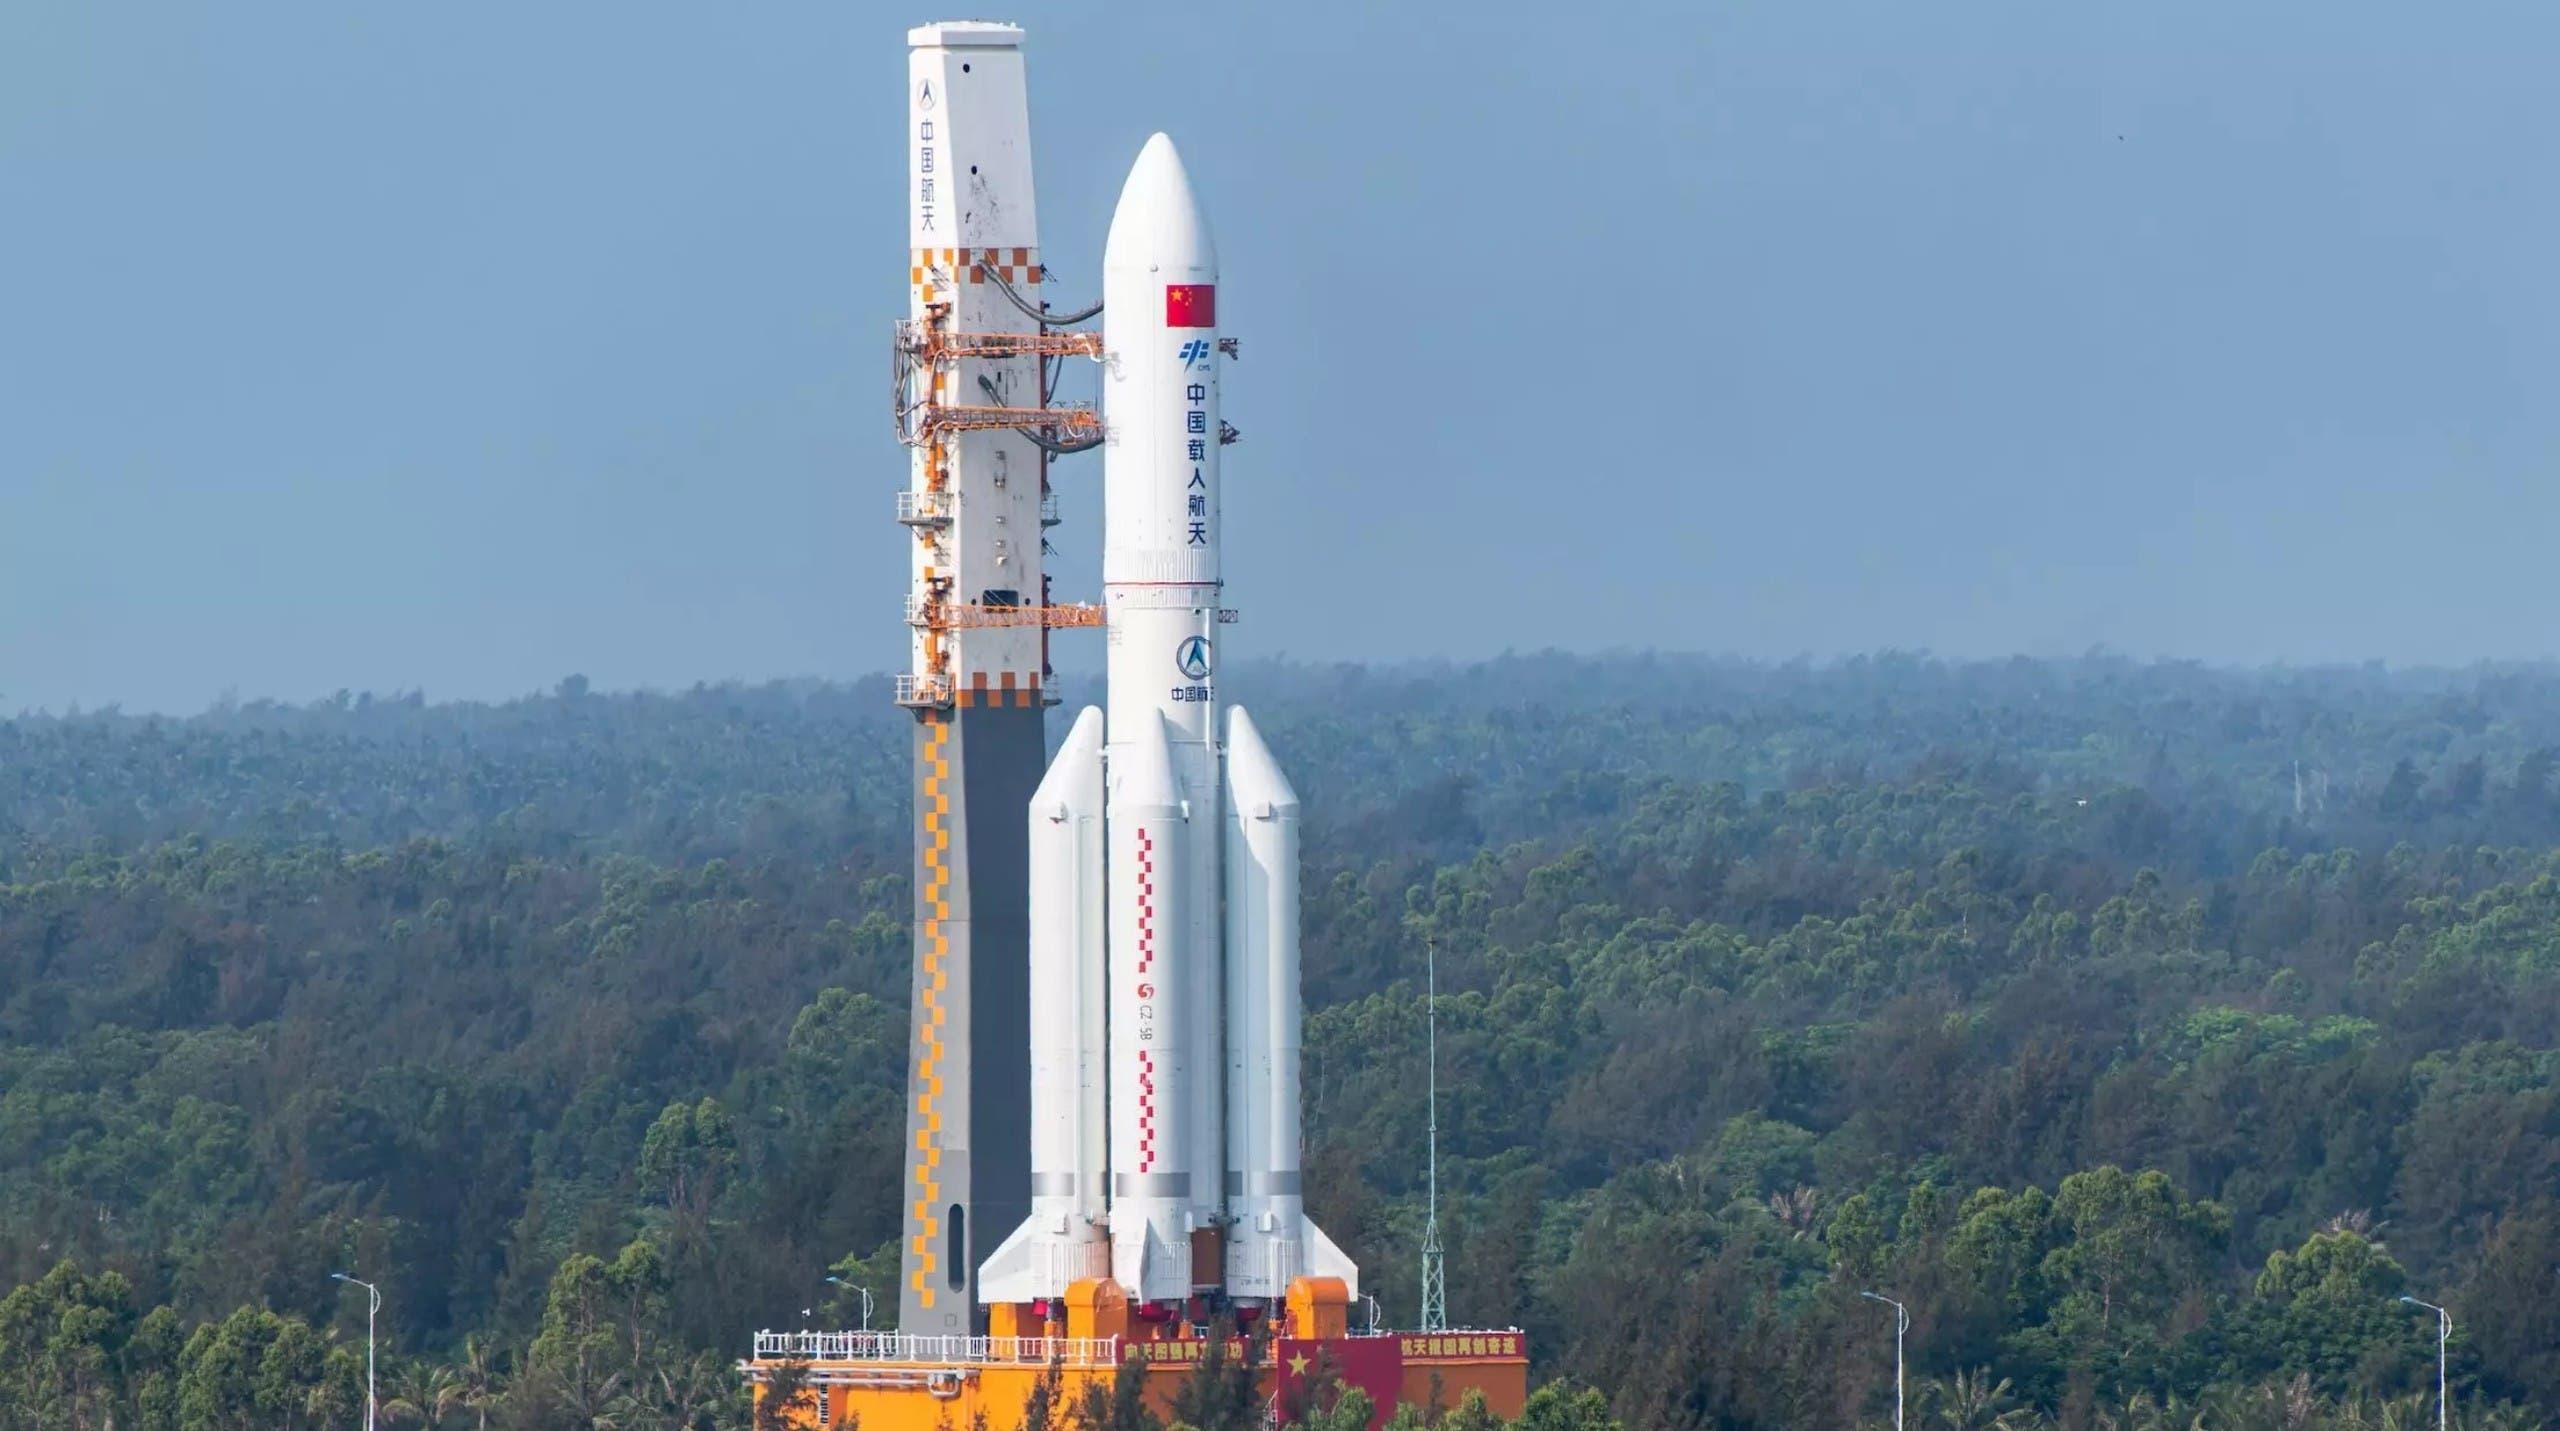 الصاروخ الصيني الذي يؤرق العالم